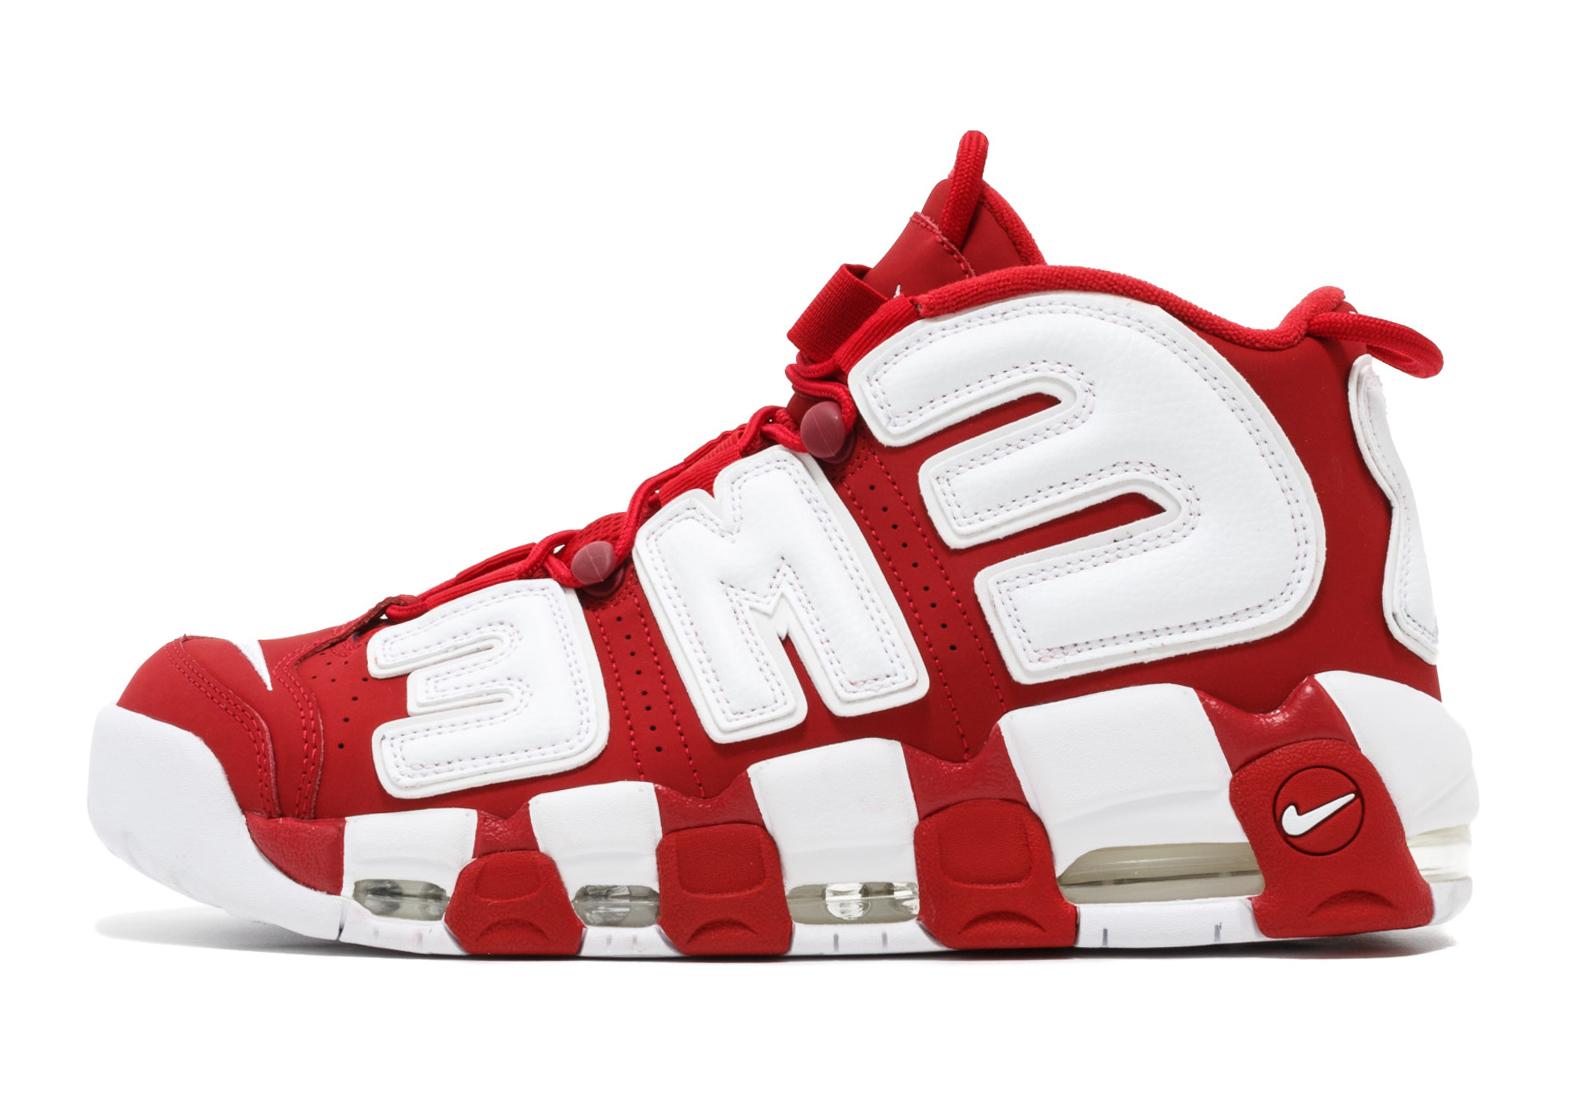 de116de57 Nike Air More Uptempo Supreme купить с бесплатной доставкой по ...